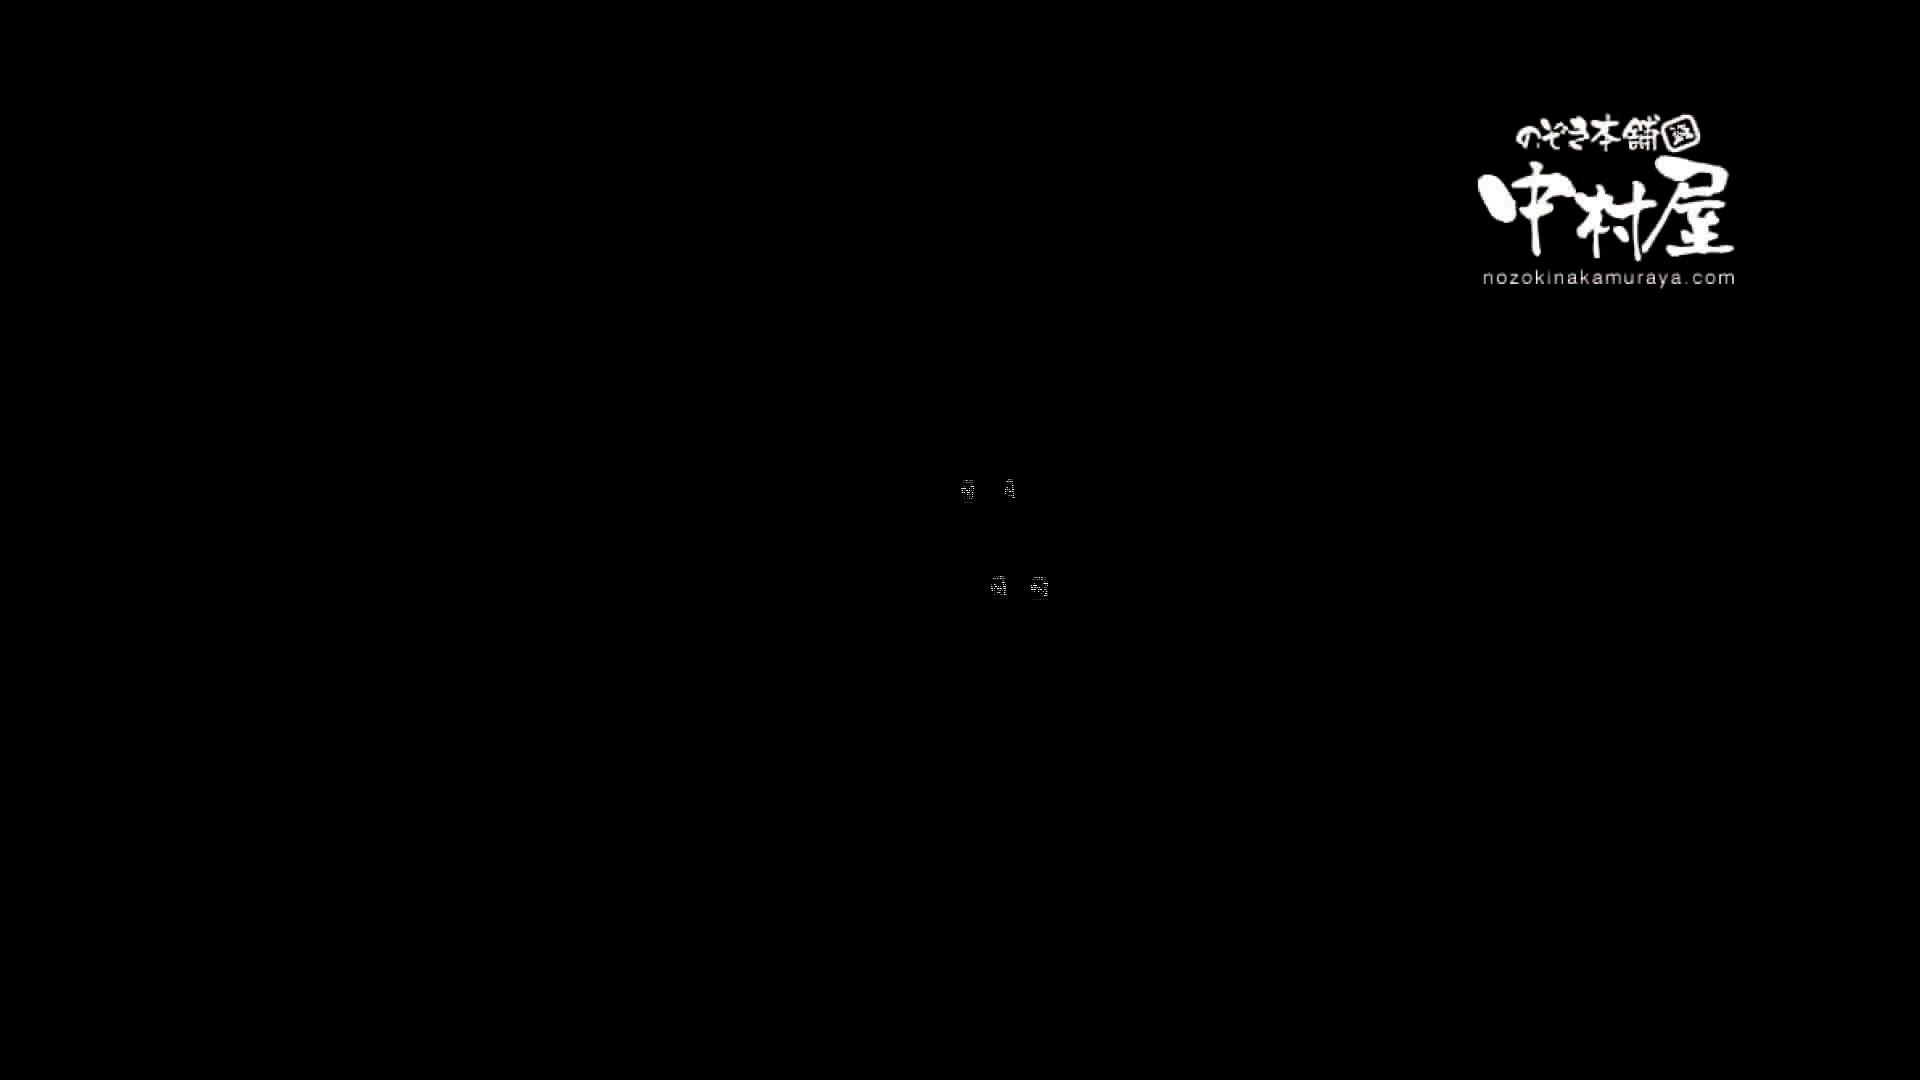 鬼畜 vol.16 実はマンざらでもない柔らかおっぱいちゃん 前編 鬼畜 オマンコ無修正動画無料 93pic 74